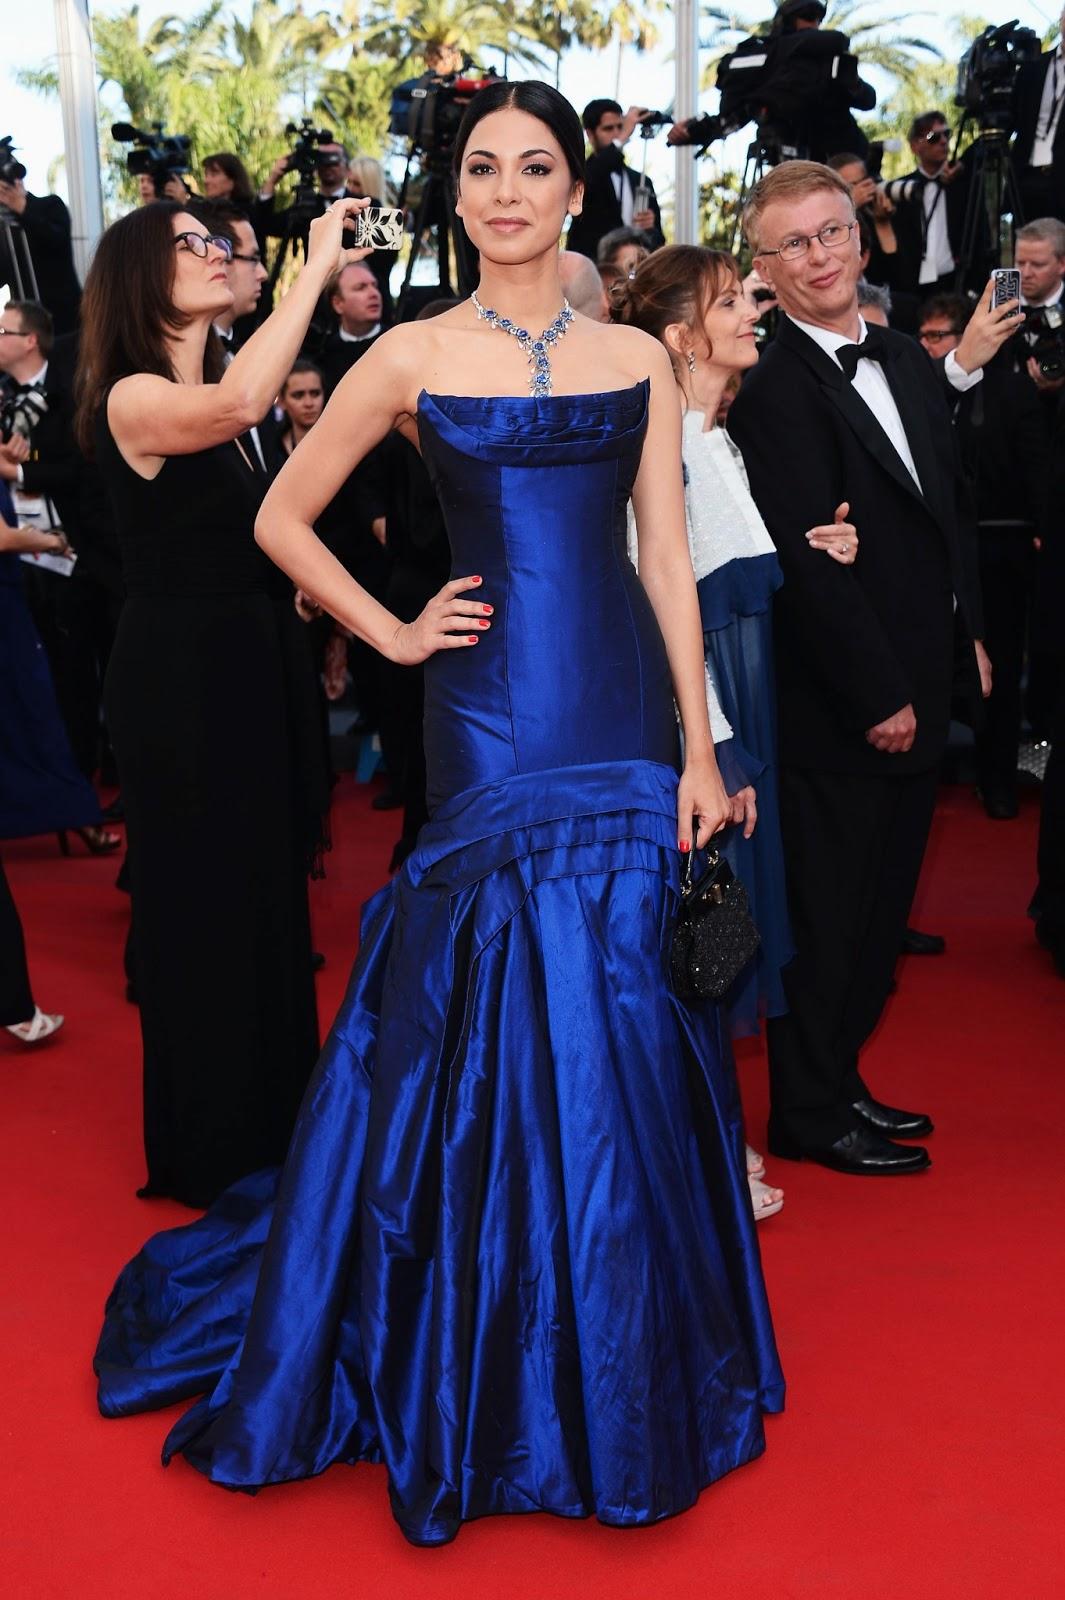 Moran Atias de la mano de BULGARI en Cannes.